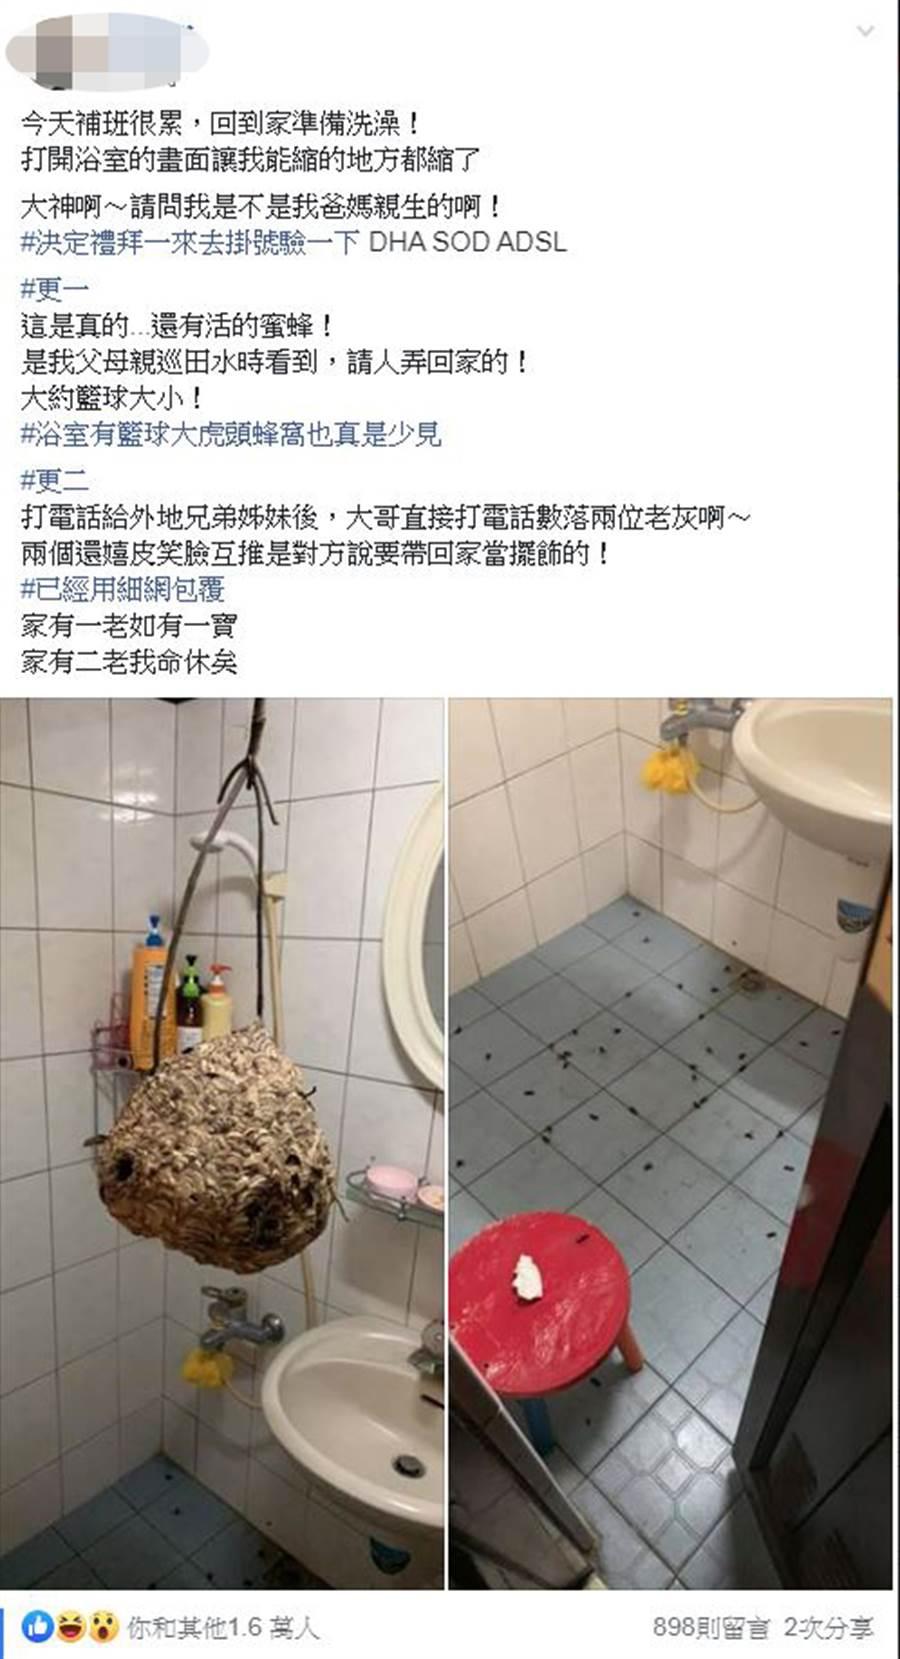 浴室裡竟有一顆約籃球大小的虎頭蜂窩(圖翻攝自/爆廢公社)